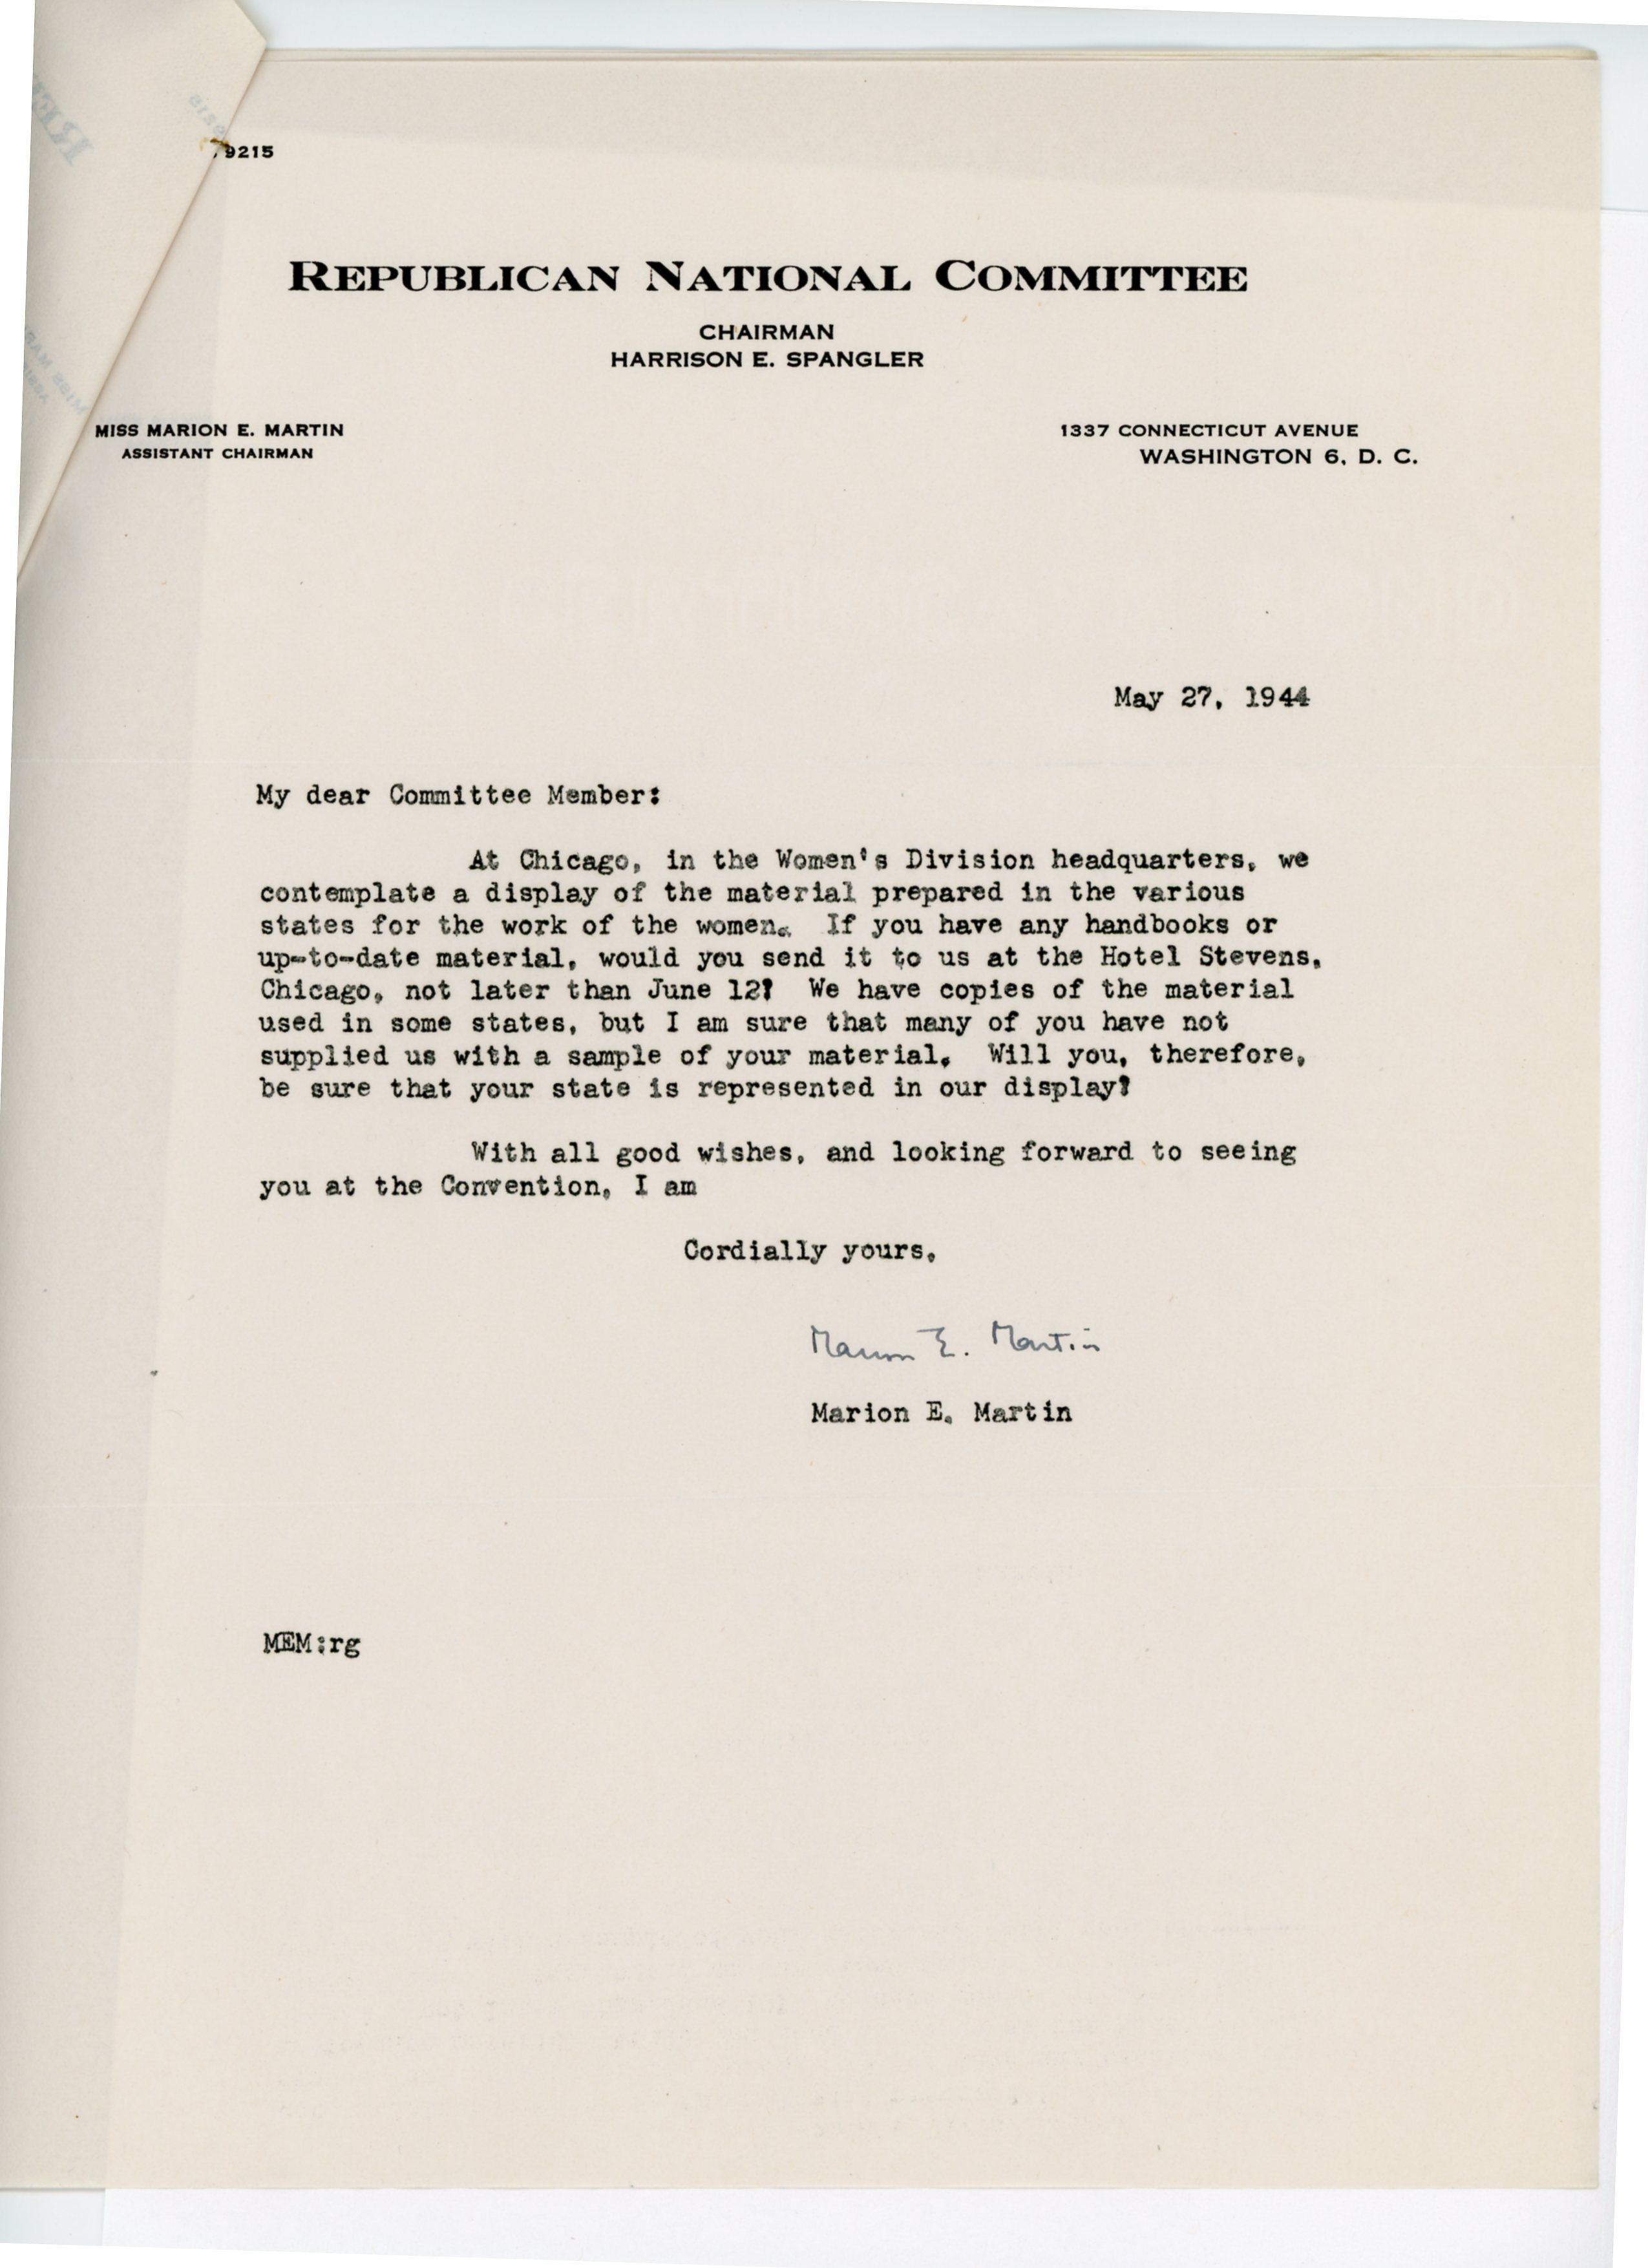 Marion E. Martin to Consuelo N. Bailey 1944 May 27